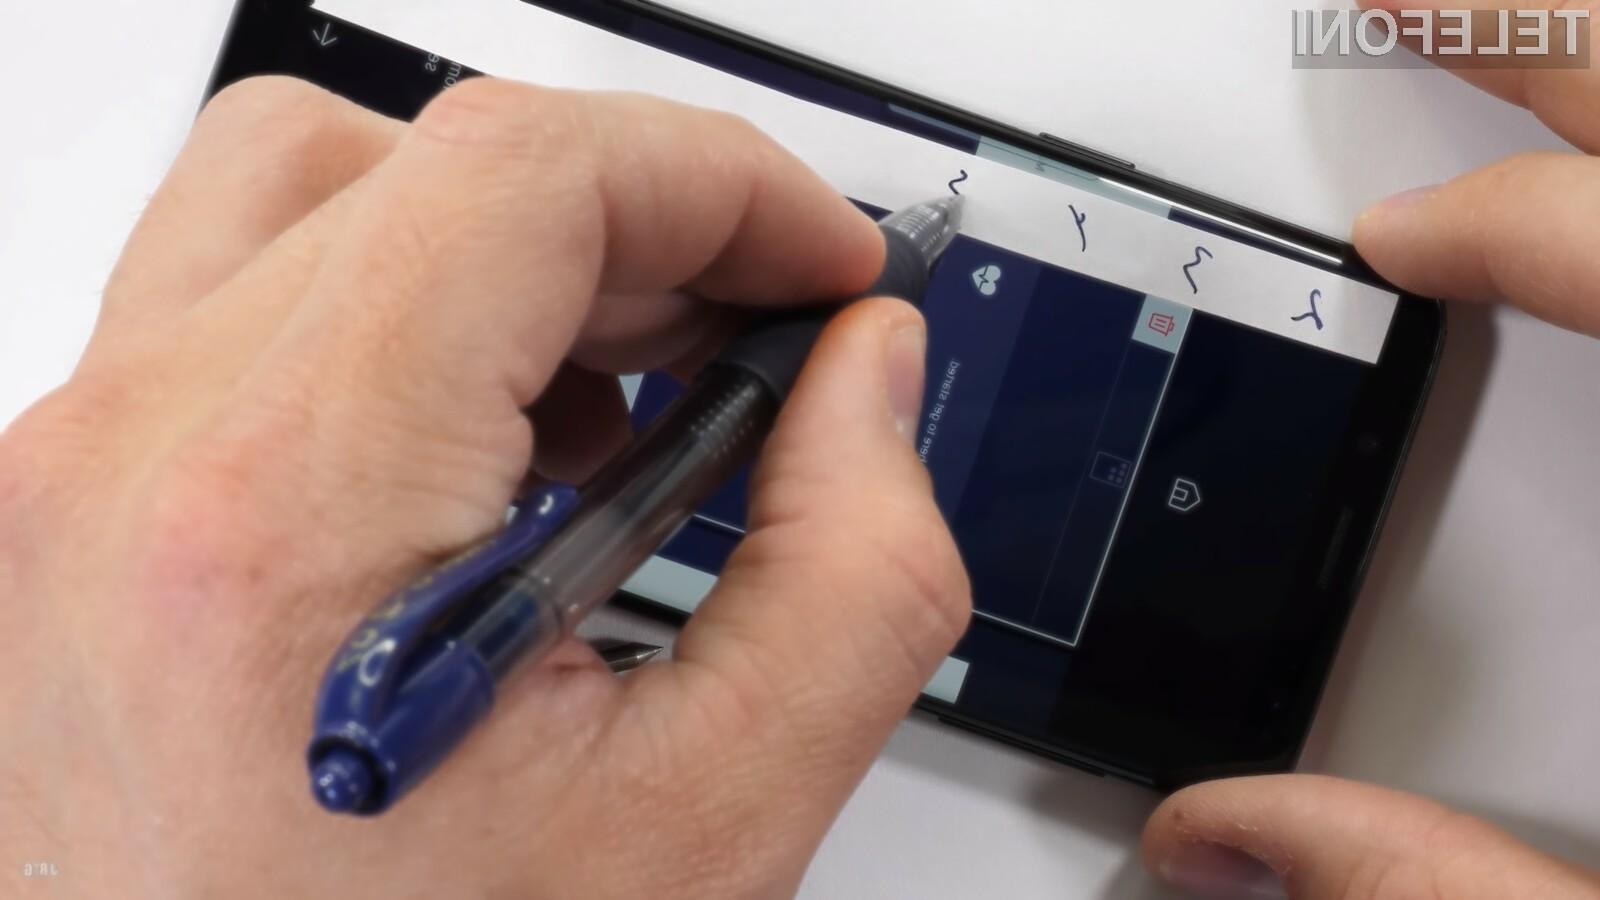 Novi Samsung Galaxy S9 se je v praksi izkazal za povsem vzdržljivega!